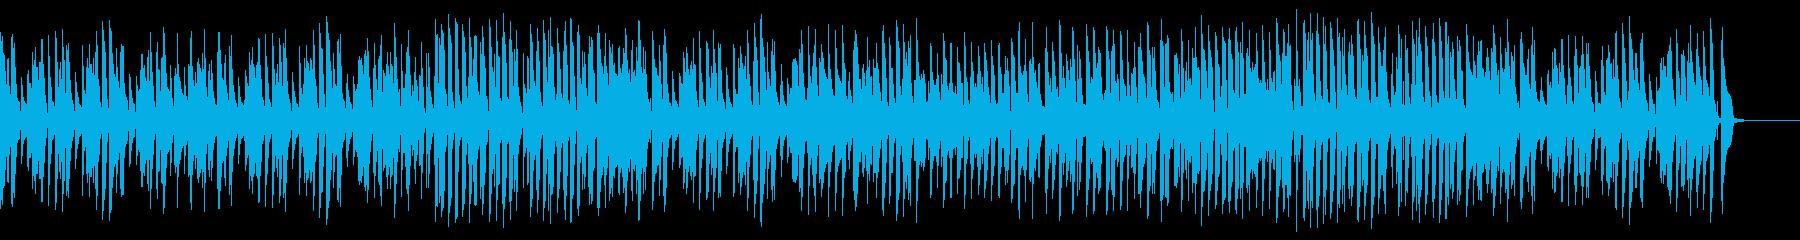 気軽でウキウキお洒落ジャズピアノの再生済みの波形